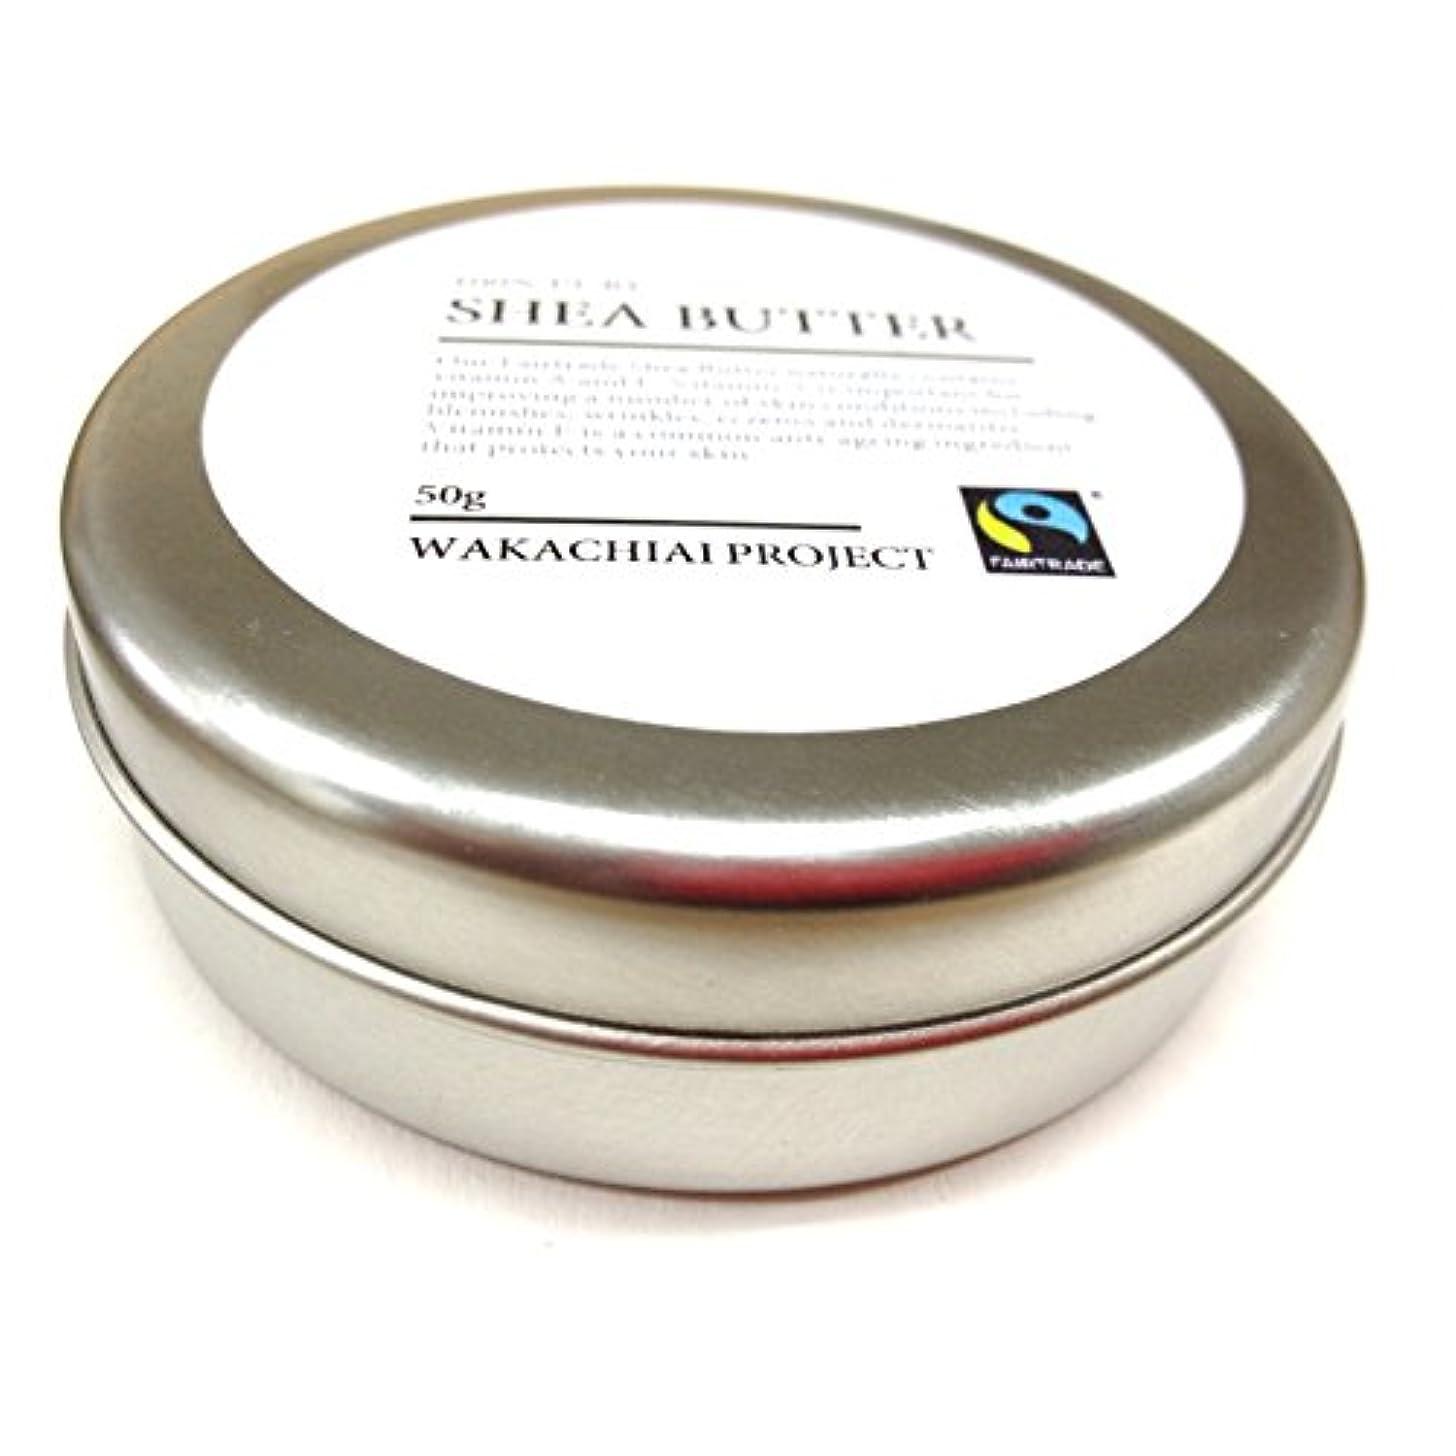 六分儀理想的には資本主義マリ産ピュアシアバター 未精製 50g入り / Unrefined Fairtrade Shea Butter from Mali